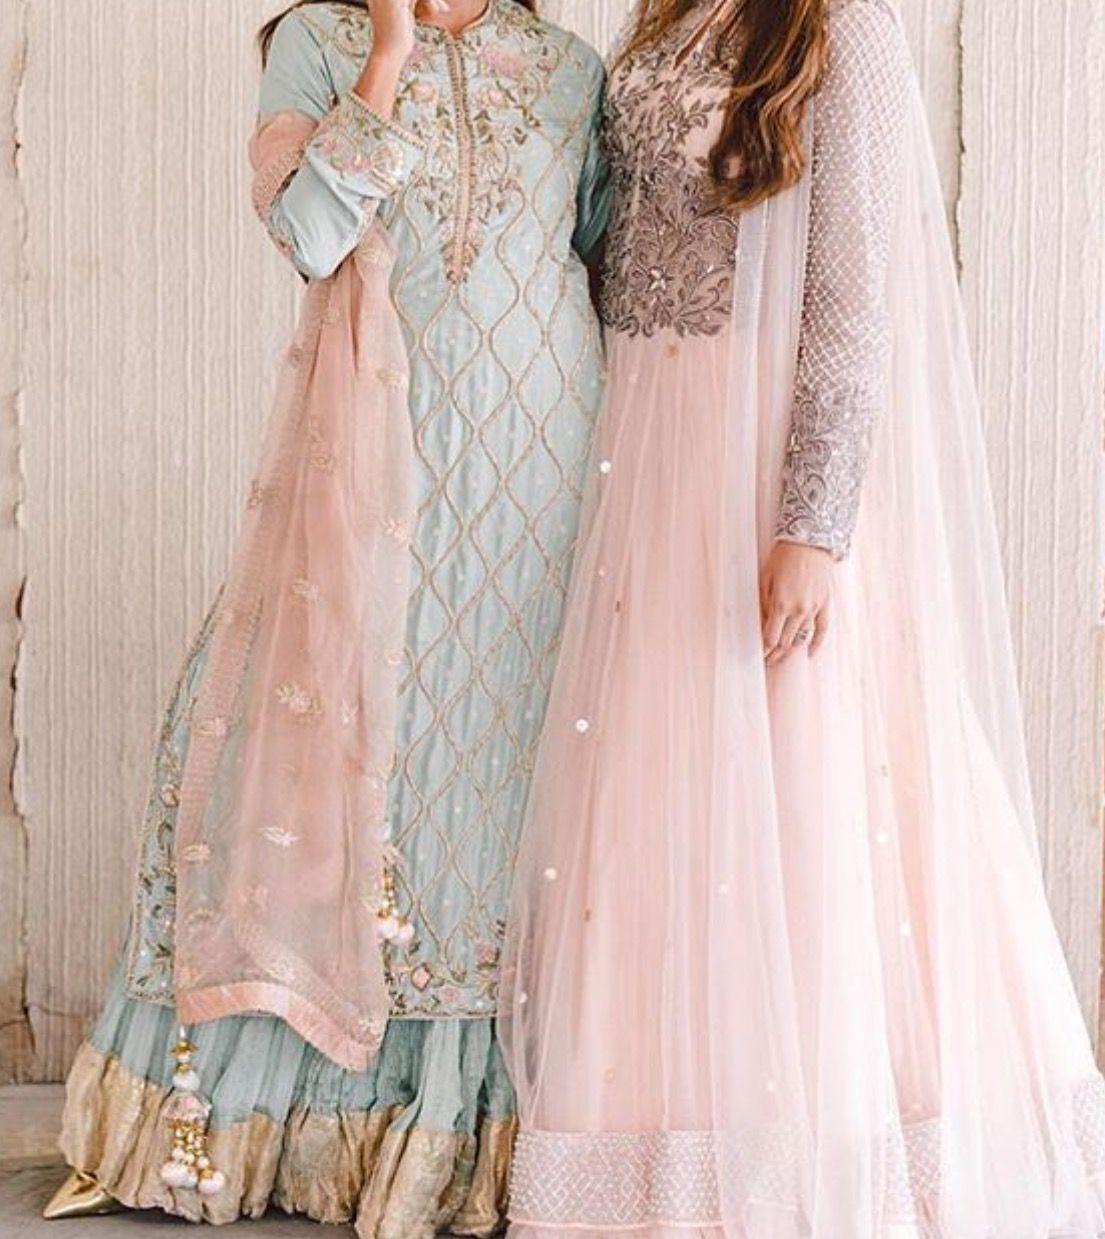 Pin de Hareem sheikh en Awsm dress | Pinterest